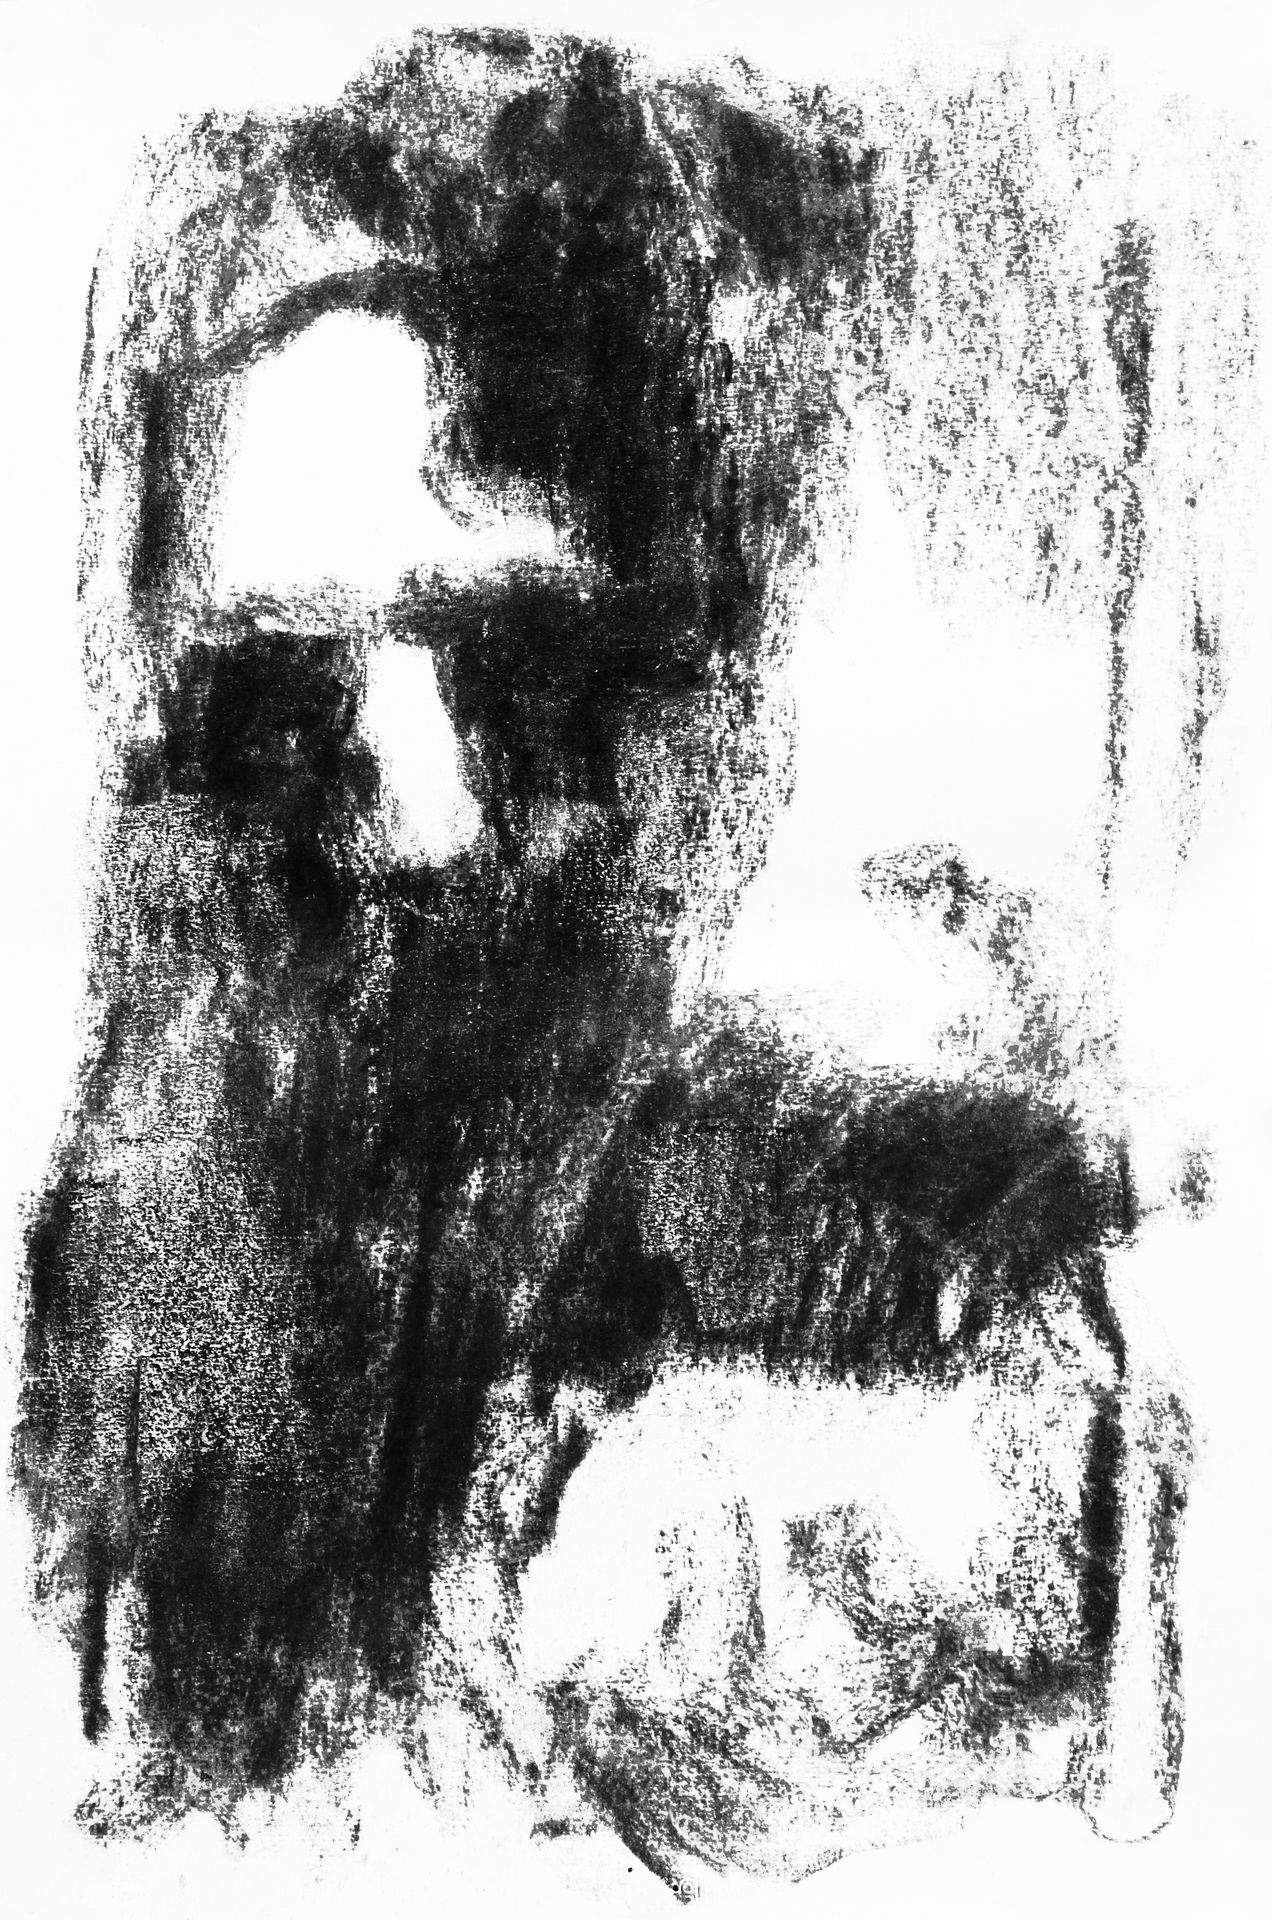 charcoal portrait, december 2012